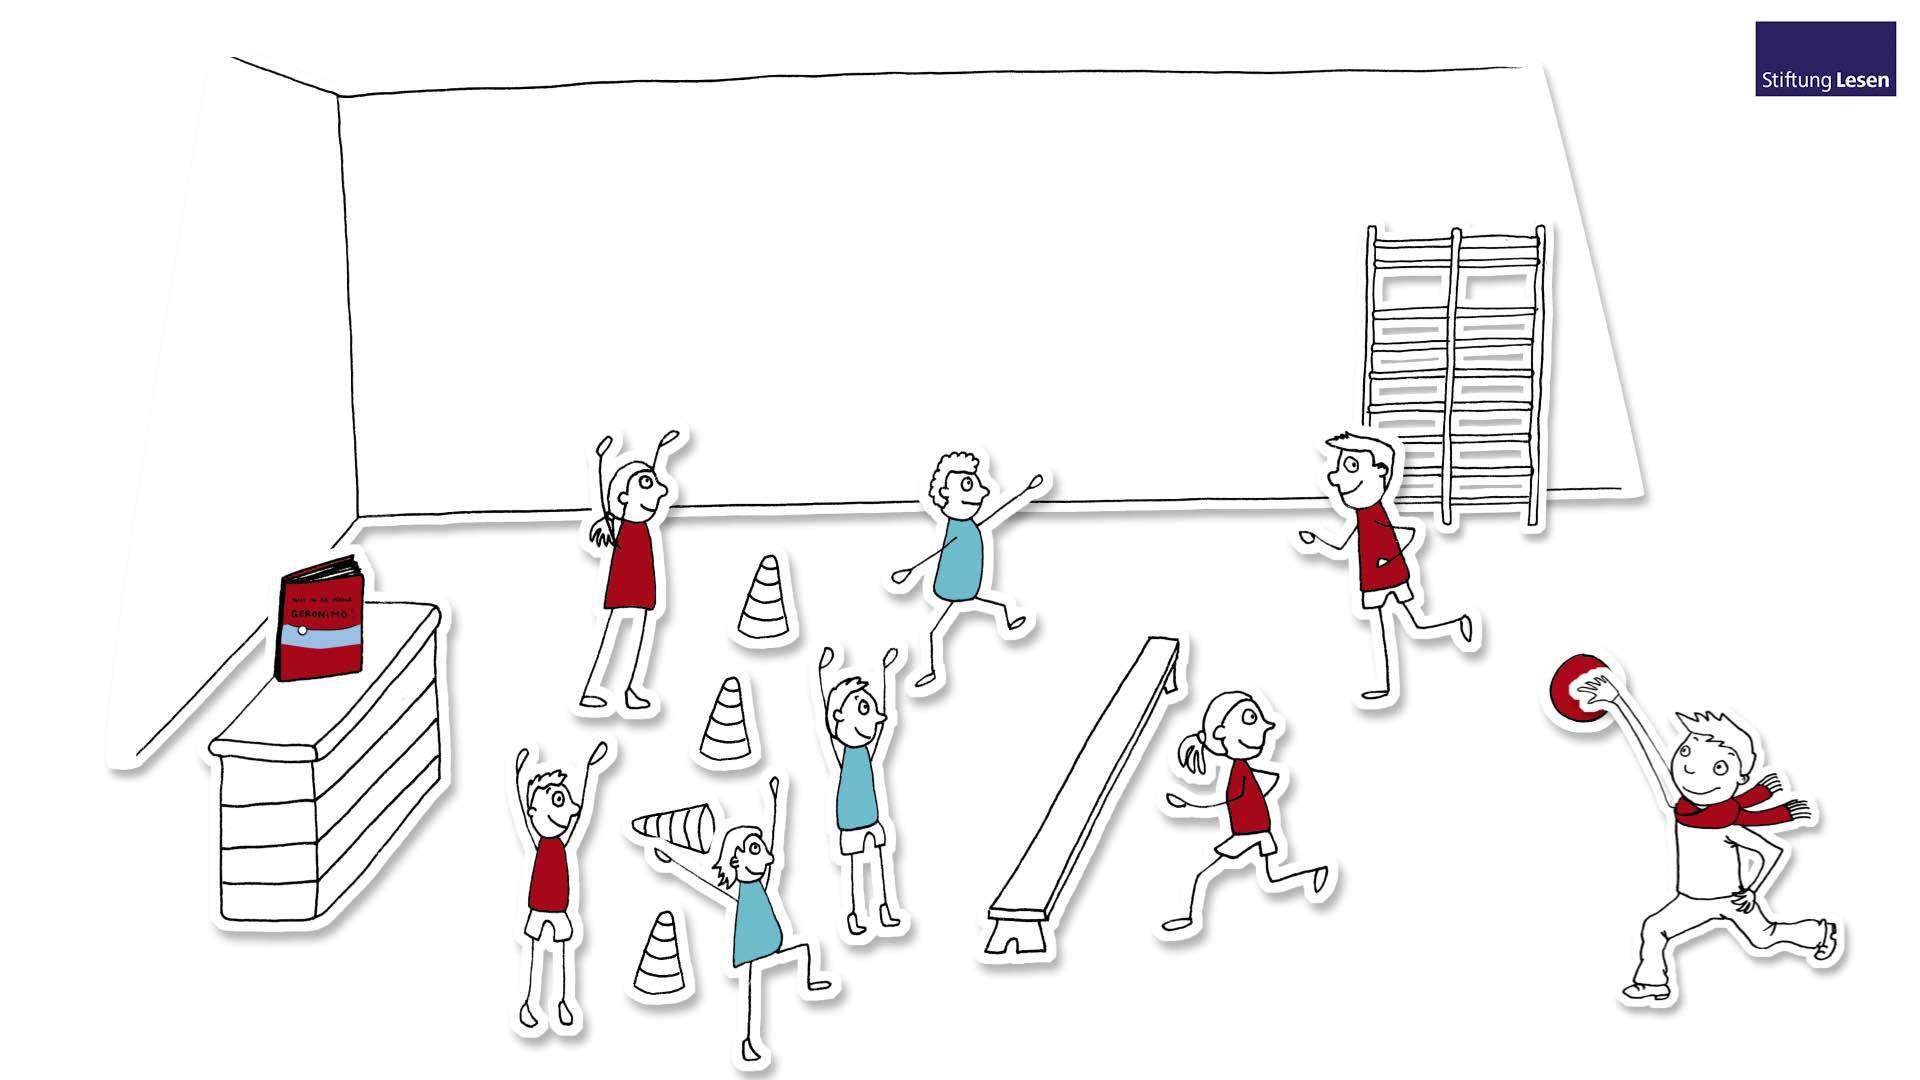 Zeichnung von einer Gruppe von Kindern die in einer Turnhalle mit einem Ball spielen